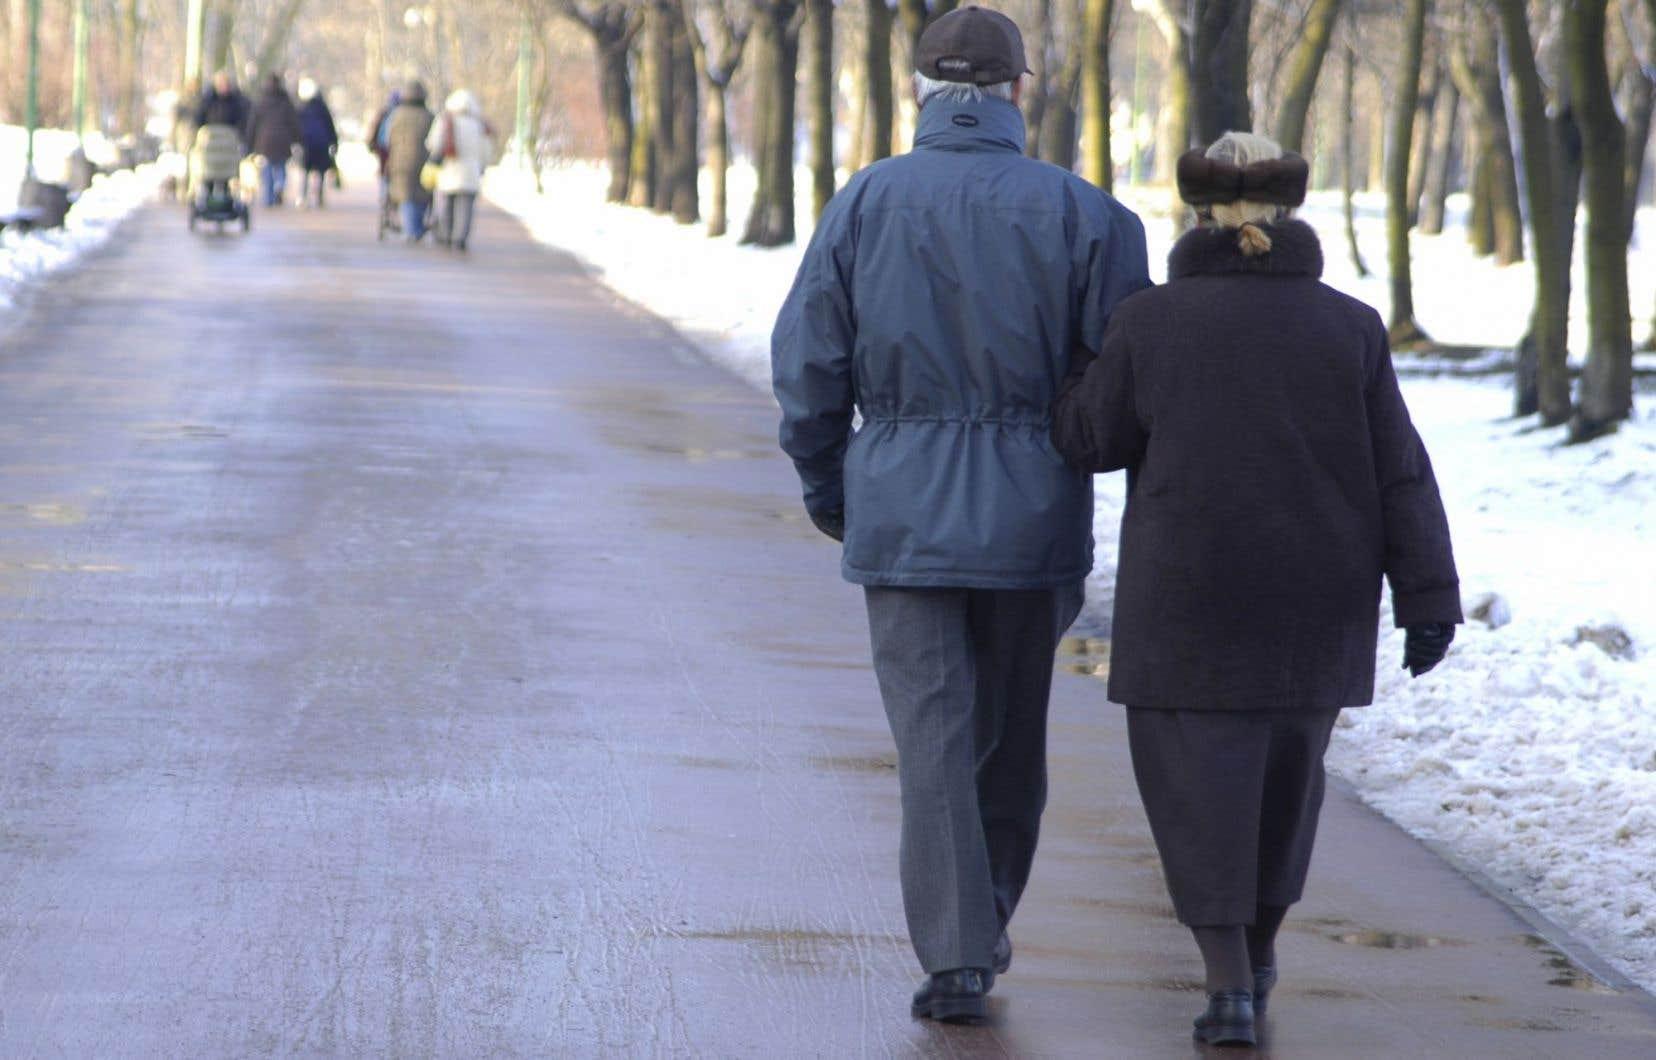 Le gouvernement du Québec souhaite également étudier l'option d'augmenter l'âge à partir duquel une personne peut se prévaloir d'une rente anticipée.